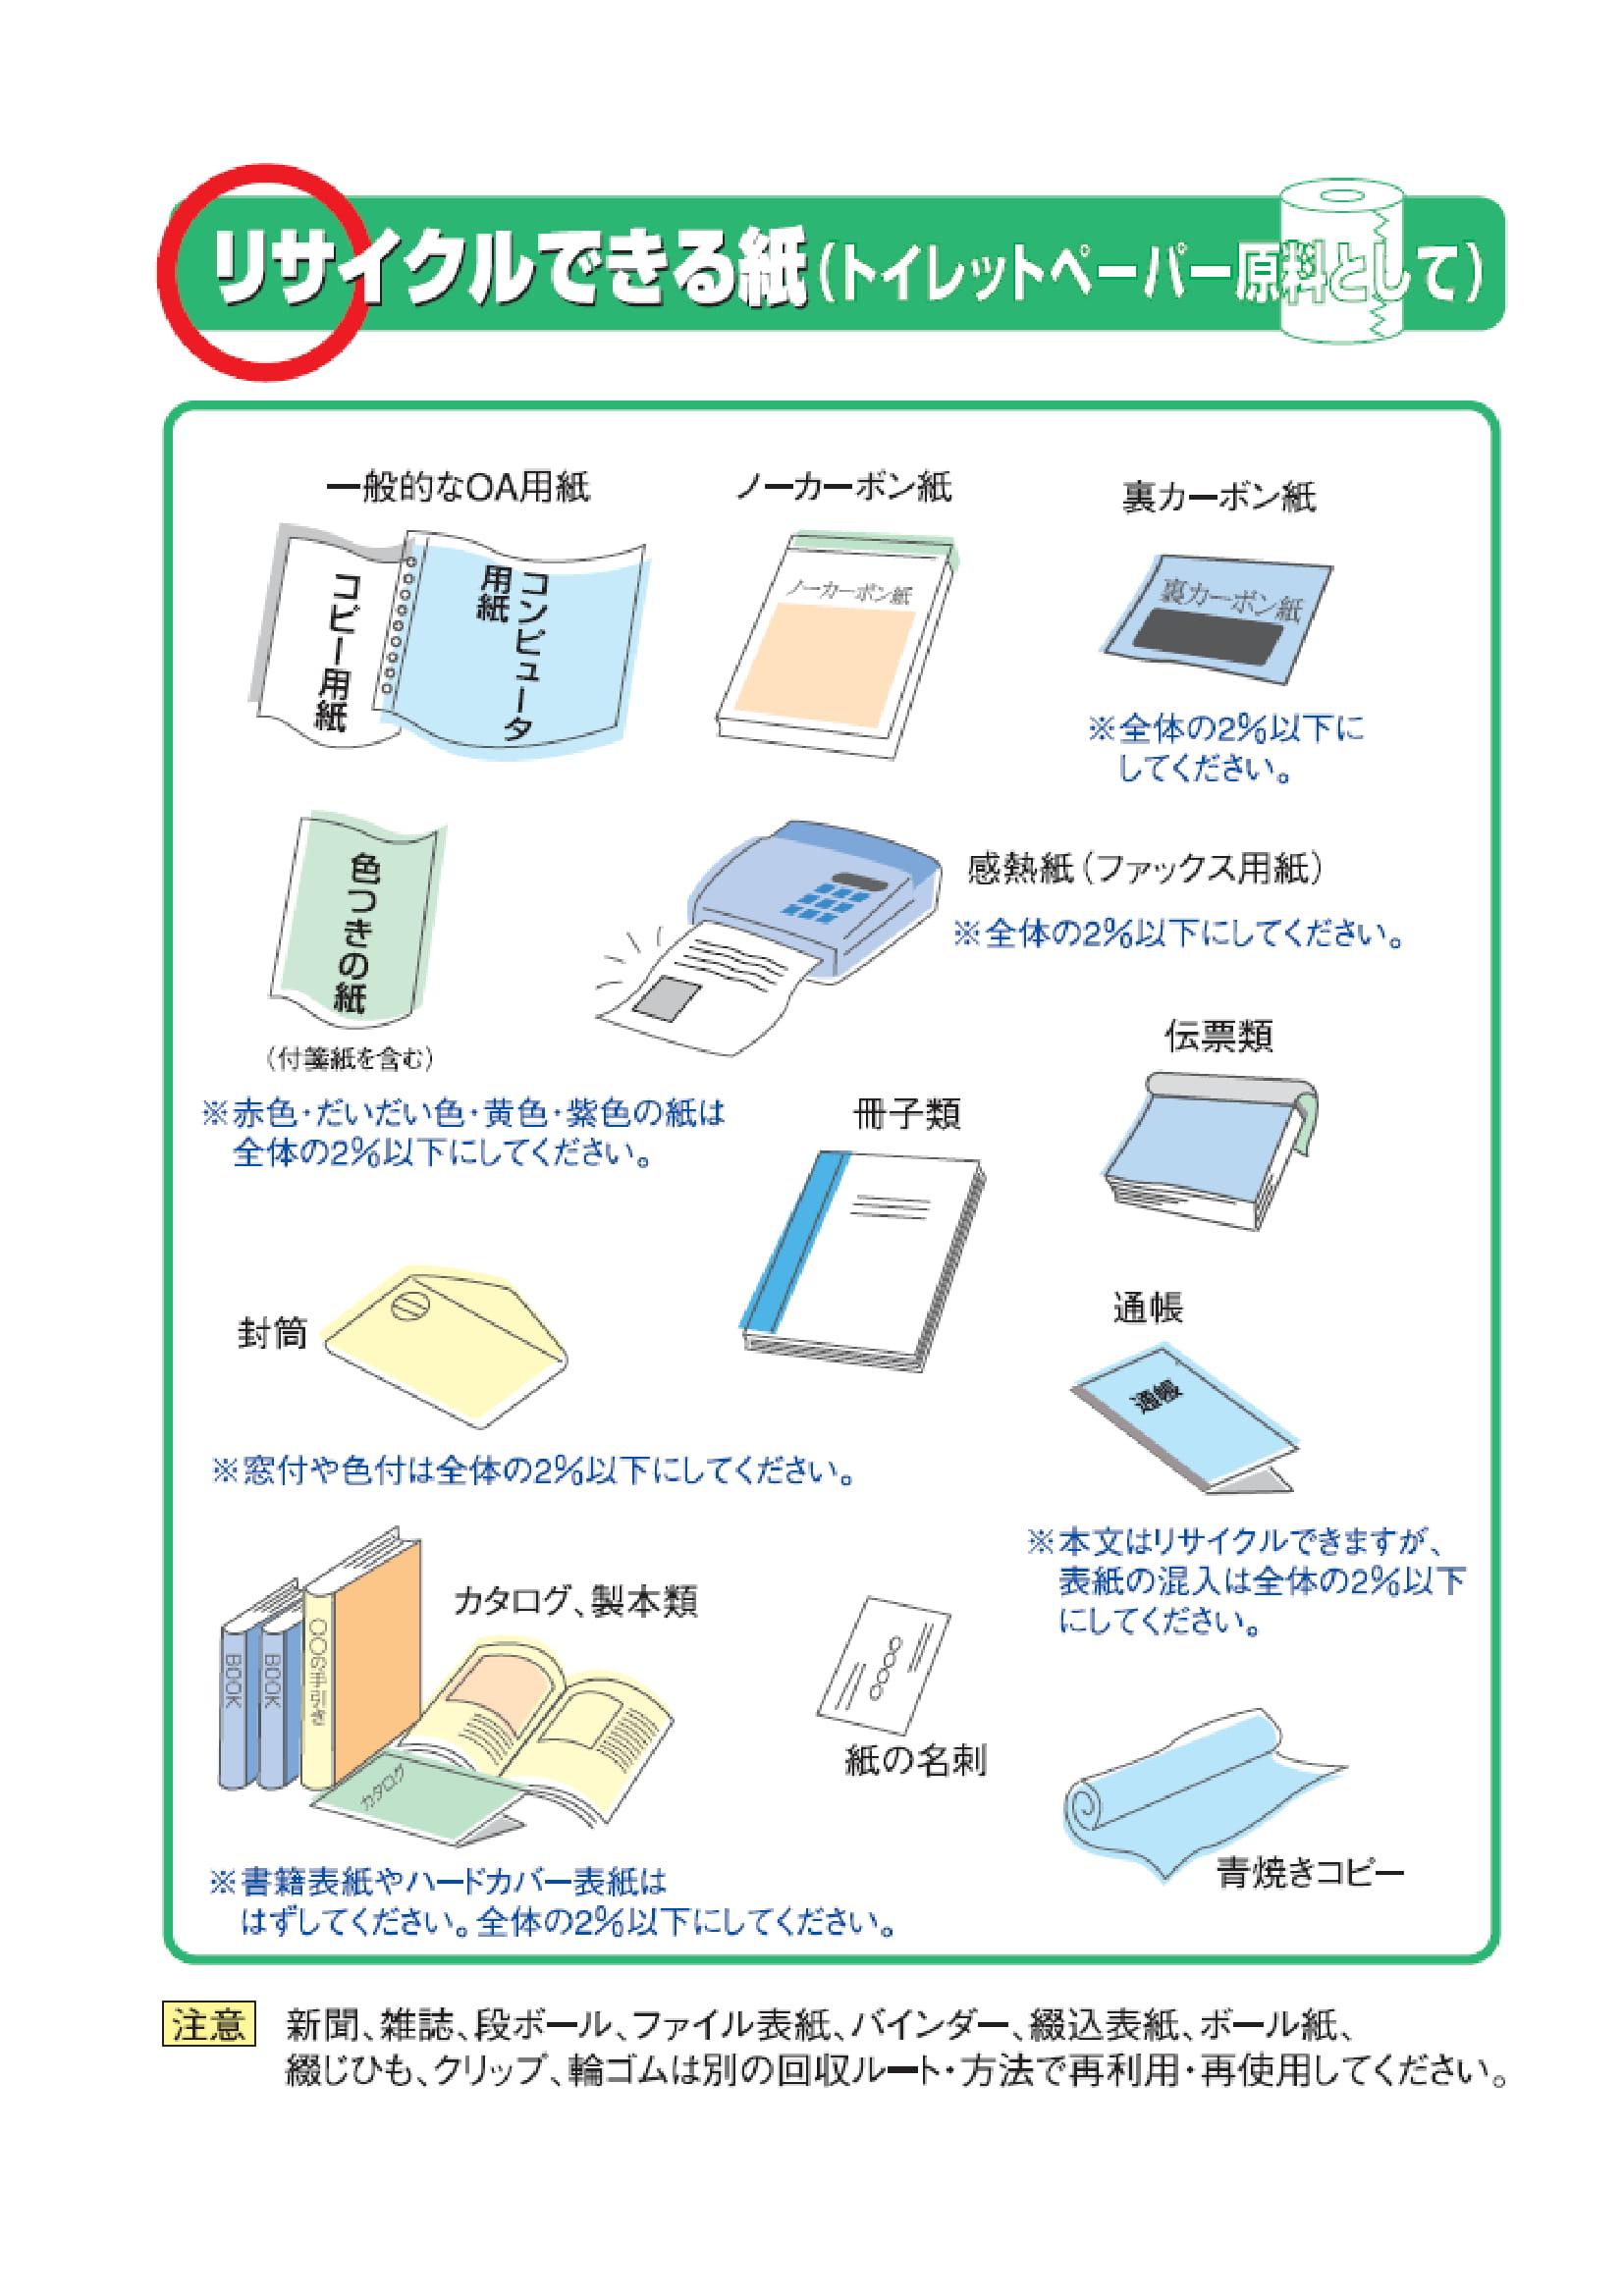 youkaidekirumonodekinaimono-1.jpg(194005 byte)